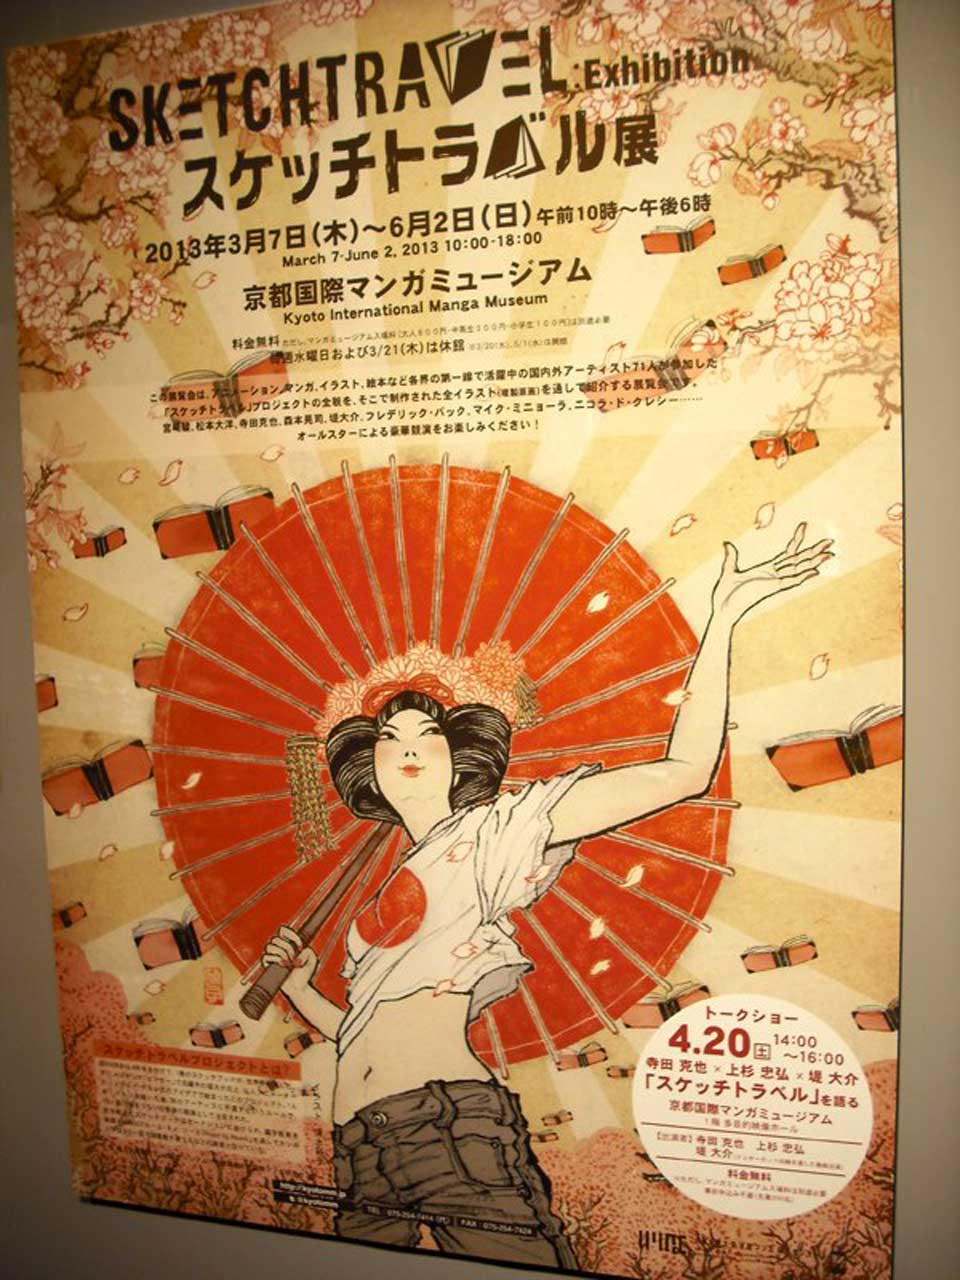 Sketchtravel Exhibition Poster Yuko Shimizu